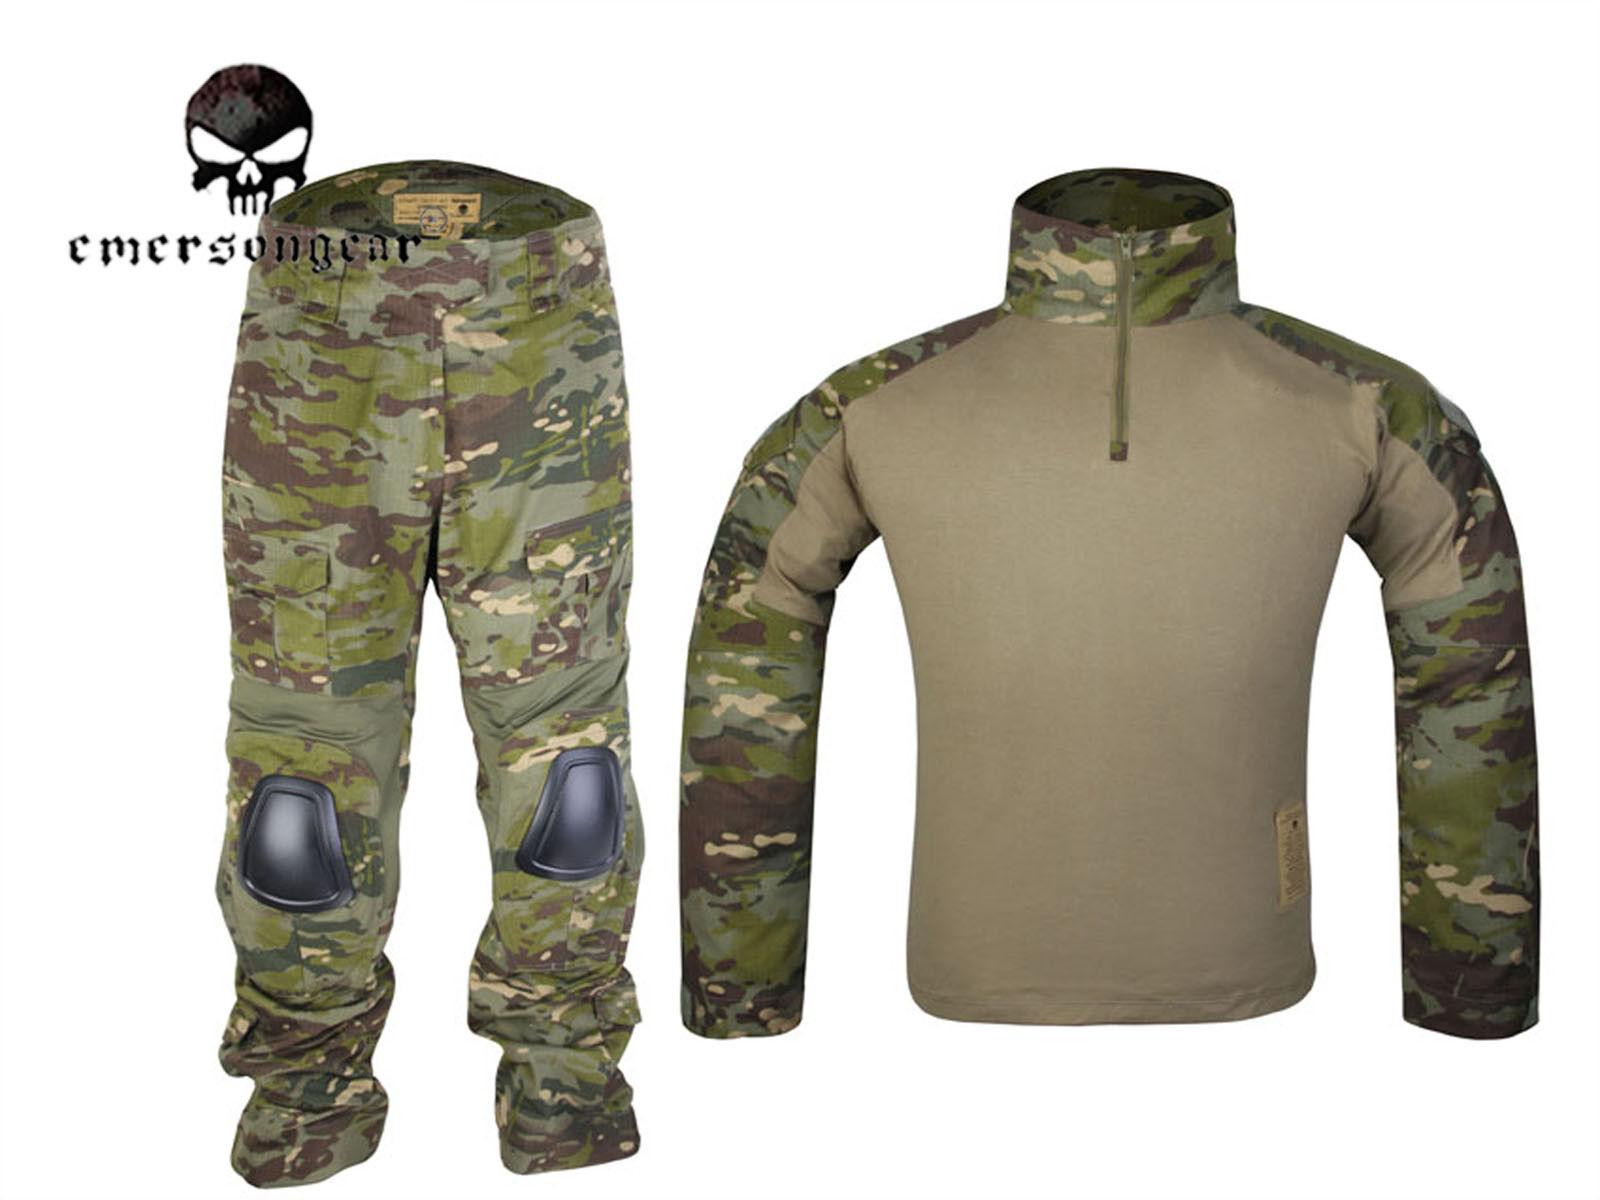 EMERSON Gen2 Cype Style Combat Uniform Tactical Hunting BDU  Multicam Tropic  sale online save 70%